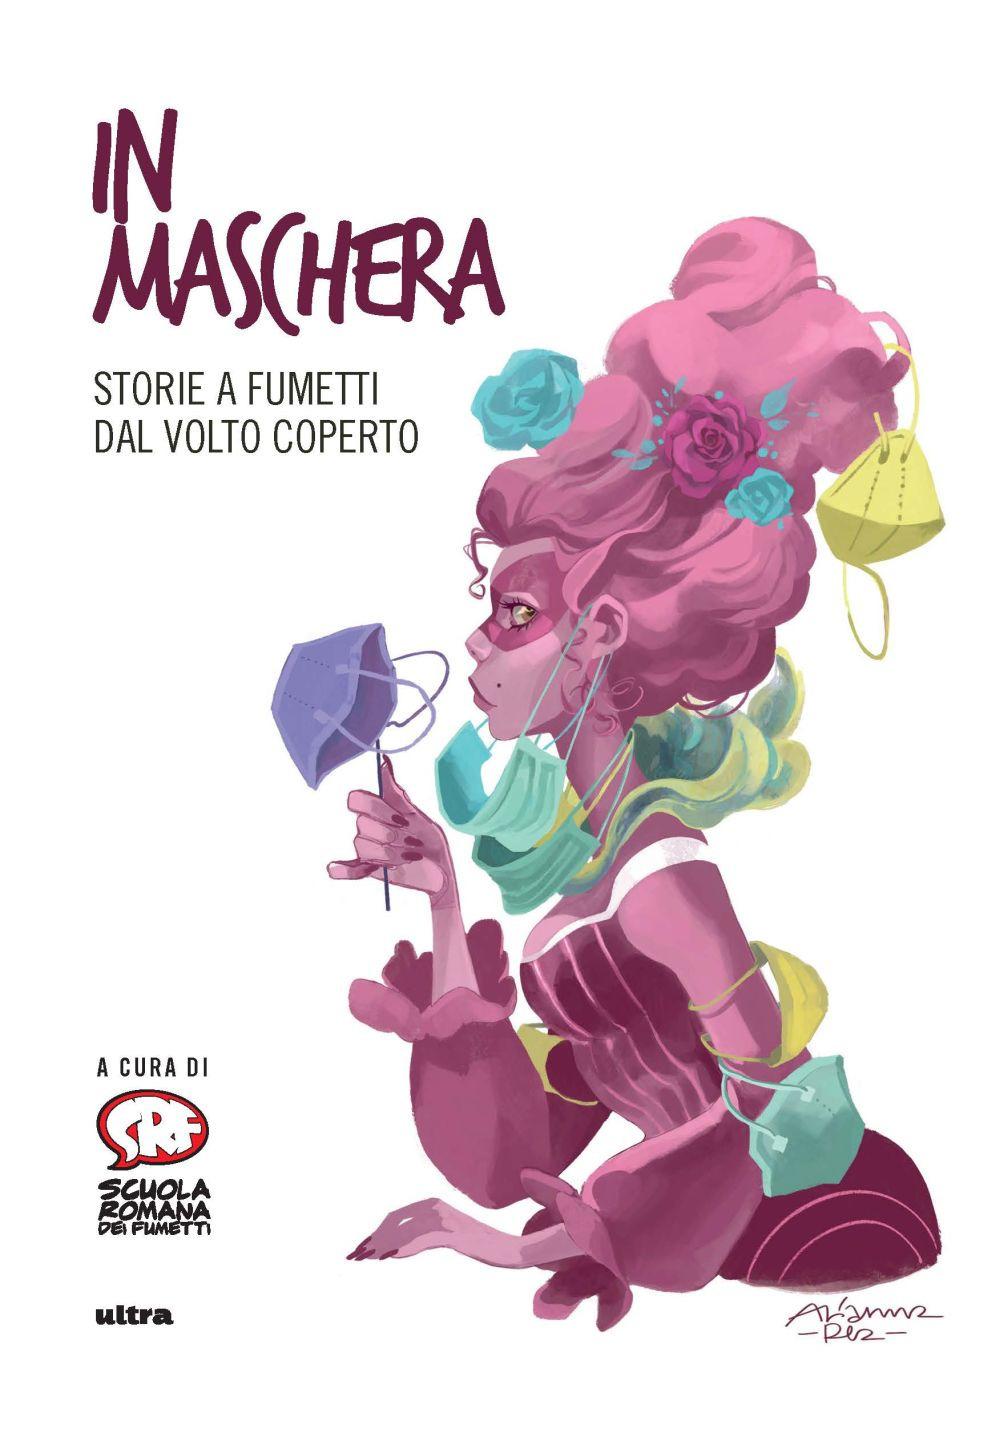 IN MASCHERA. STORIE A FUMETTI DAL VOLTO COPERTO - Scuola Romana dei fumetti (cur.) - 9788892780521